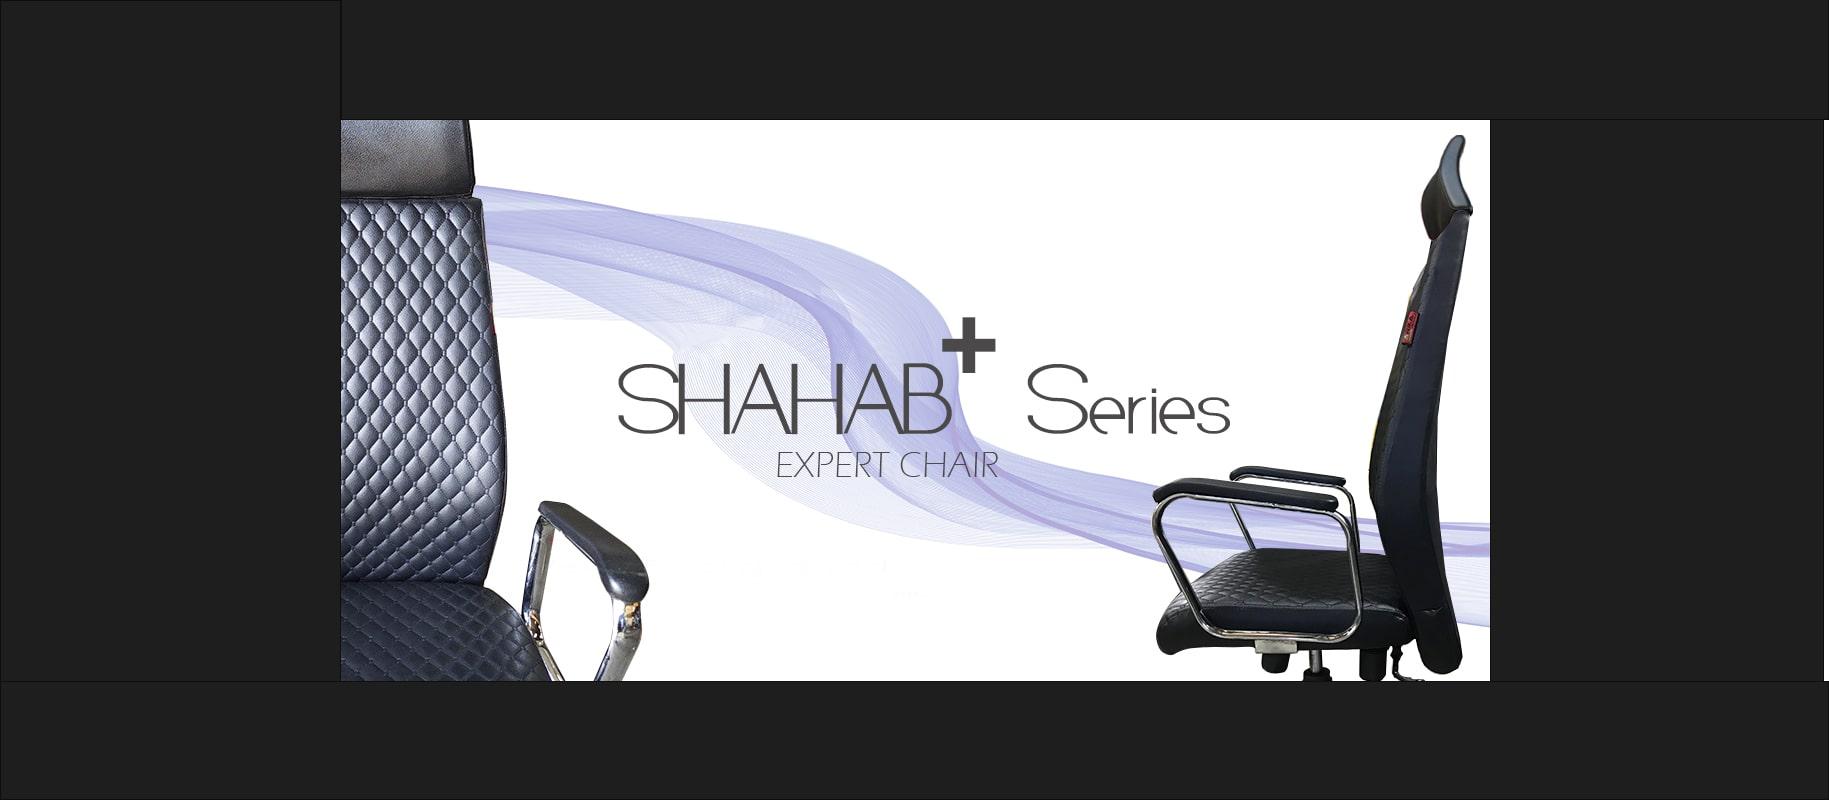 E SHAHAB PLUS